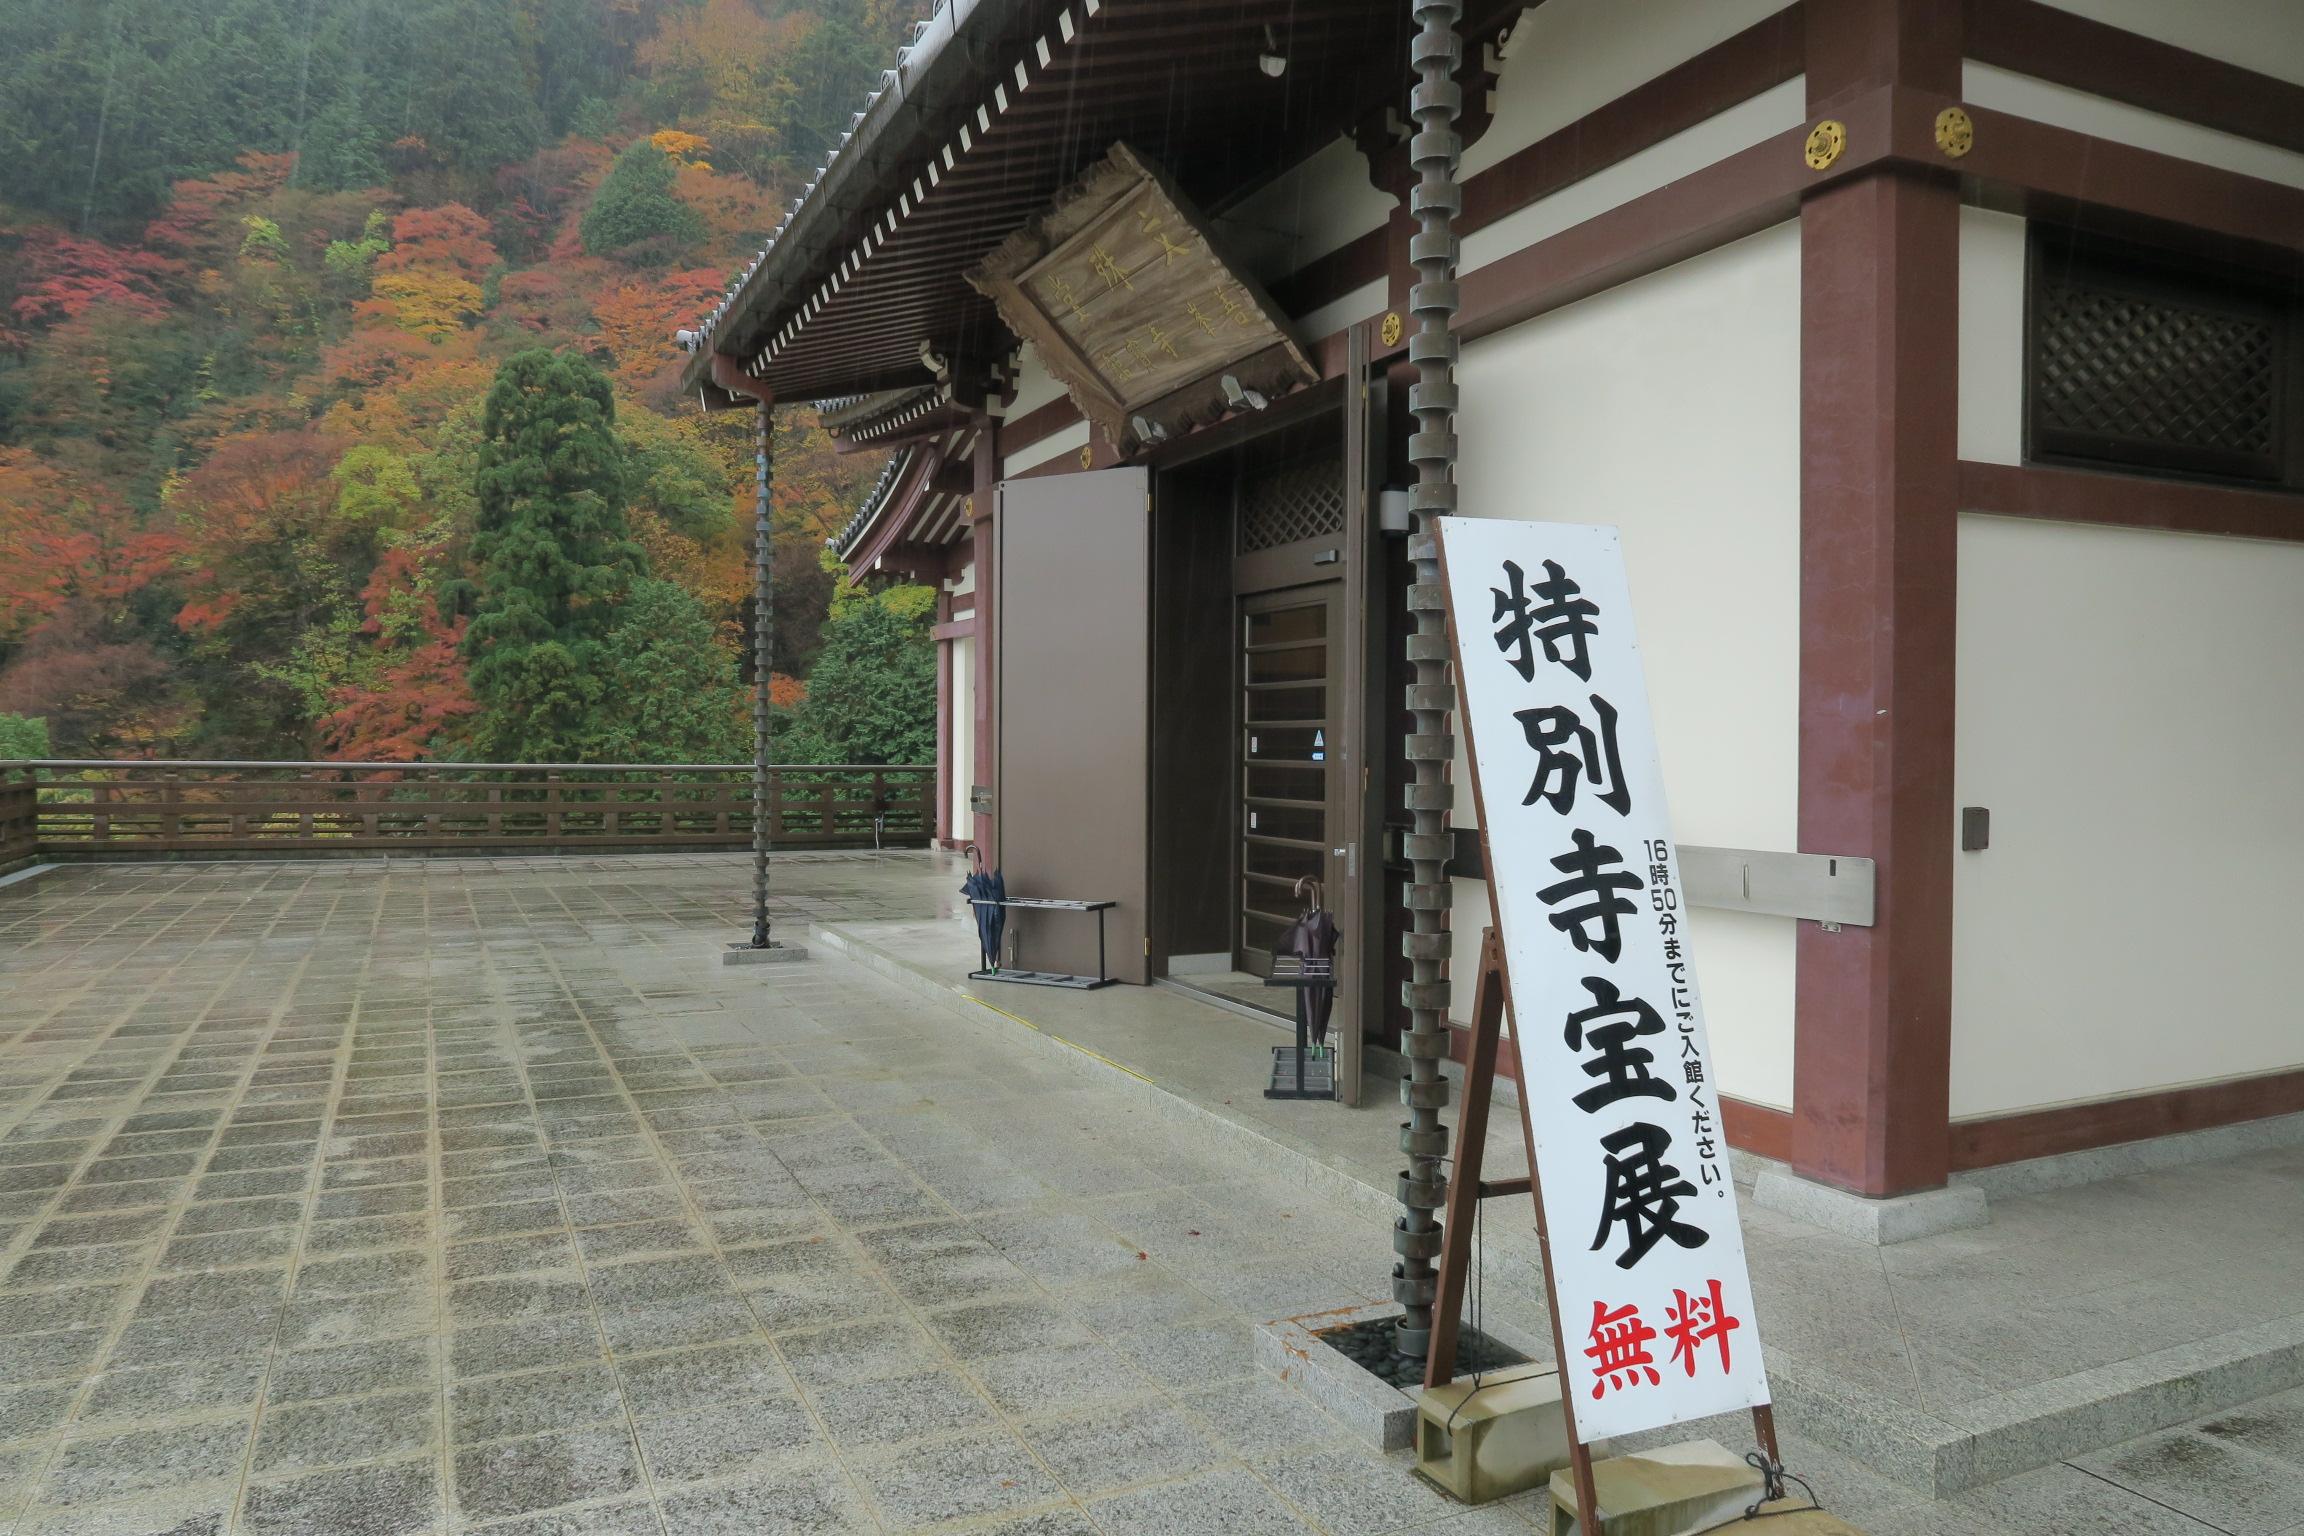 特別寺宝展がなんと無料で入館できます。見ごたえあります!!